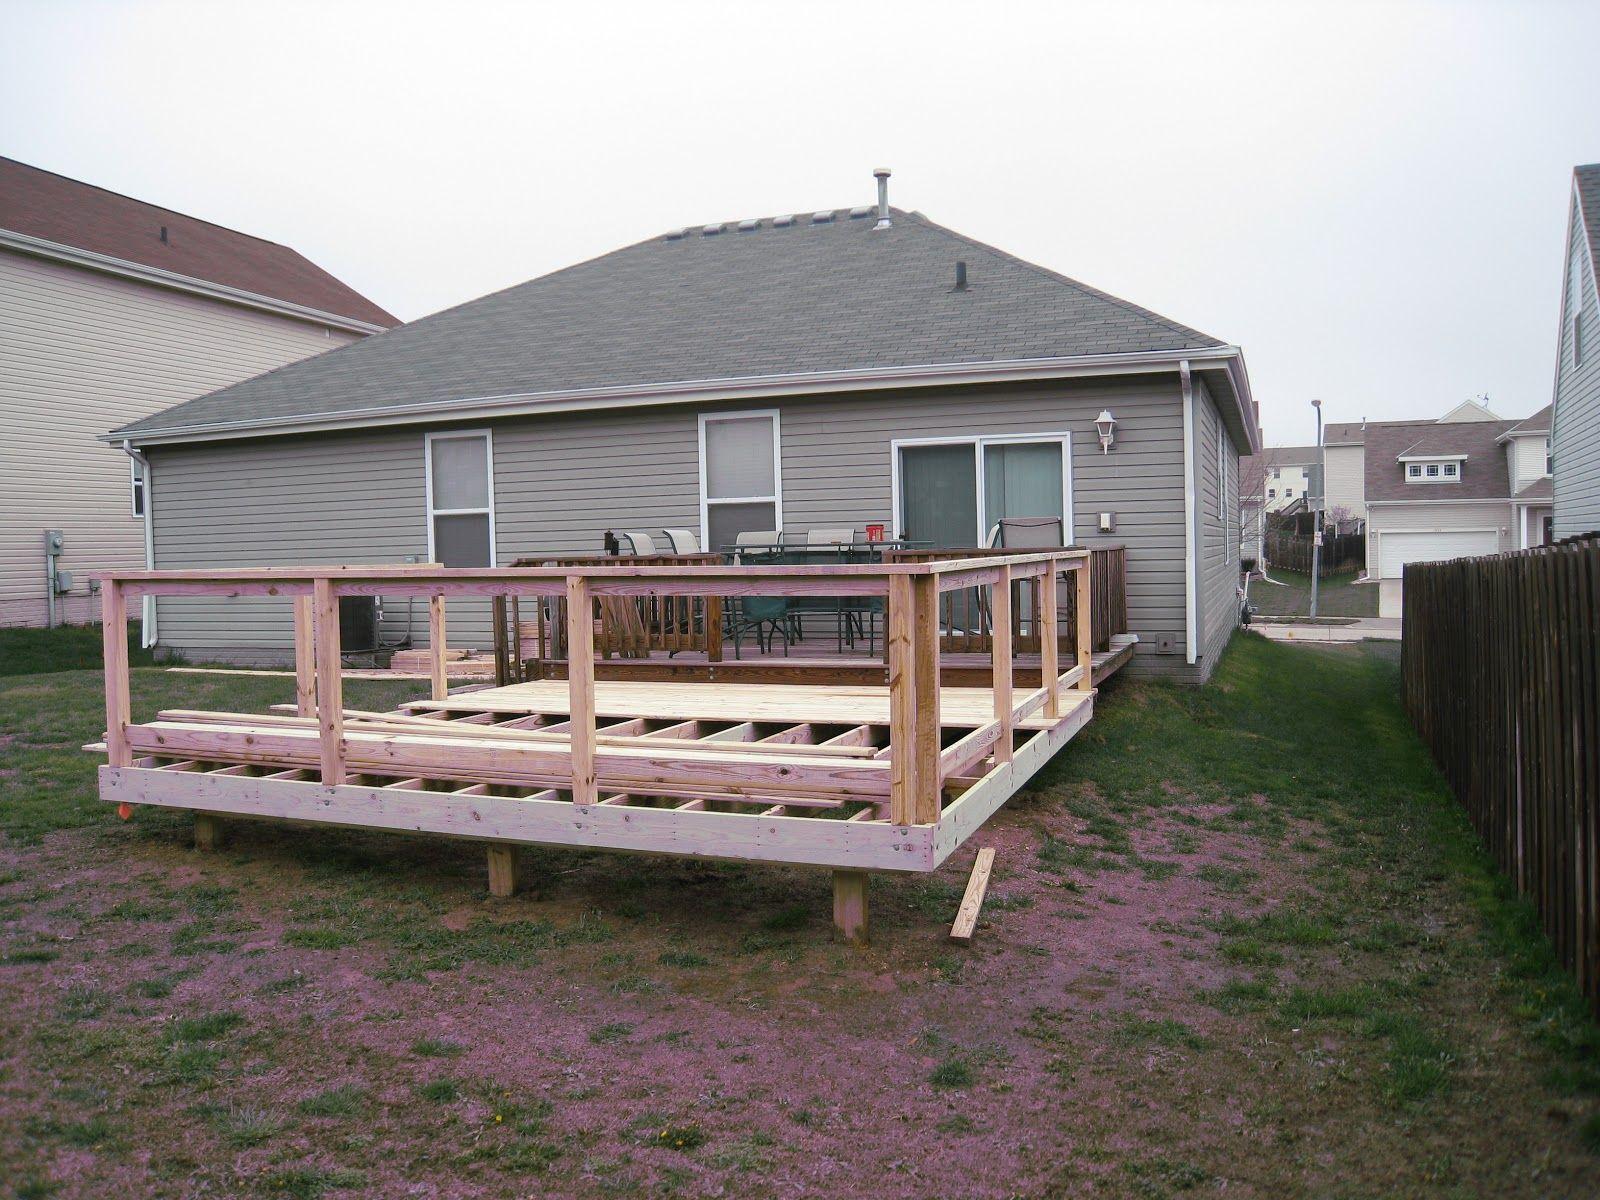 Curtis Pdf Plans How To Build A 16x16 Deck 8x10x12x14x16x18x20x22x24 Deck Railing Design Floating Deck Diy Deck